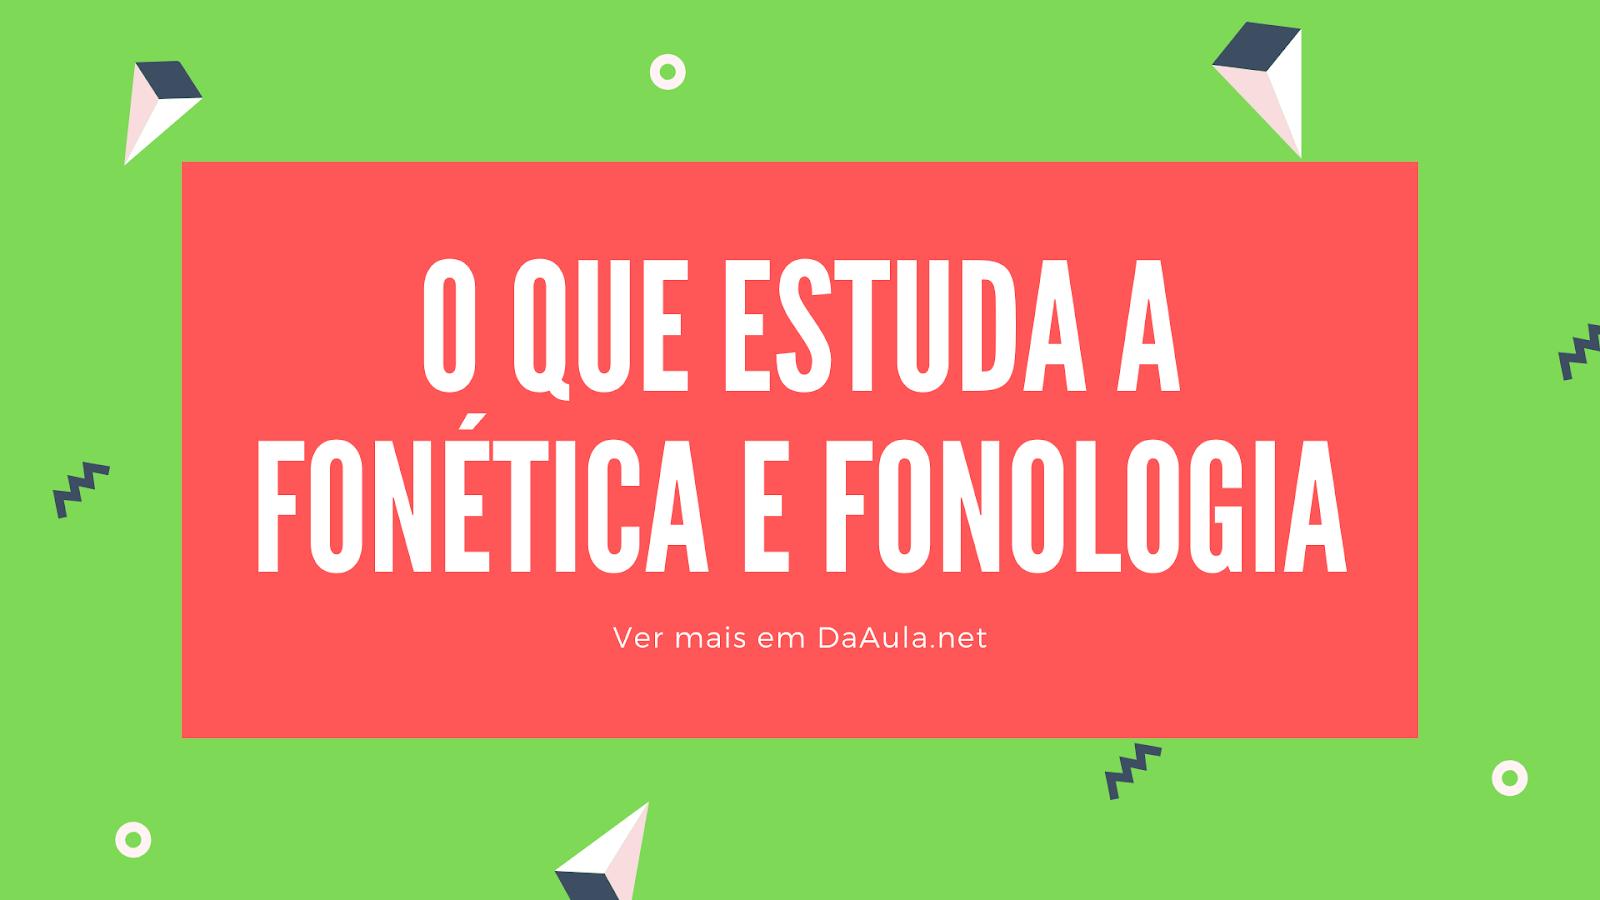 O que estuda a Fonética e Fonologia